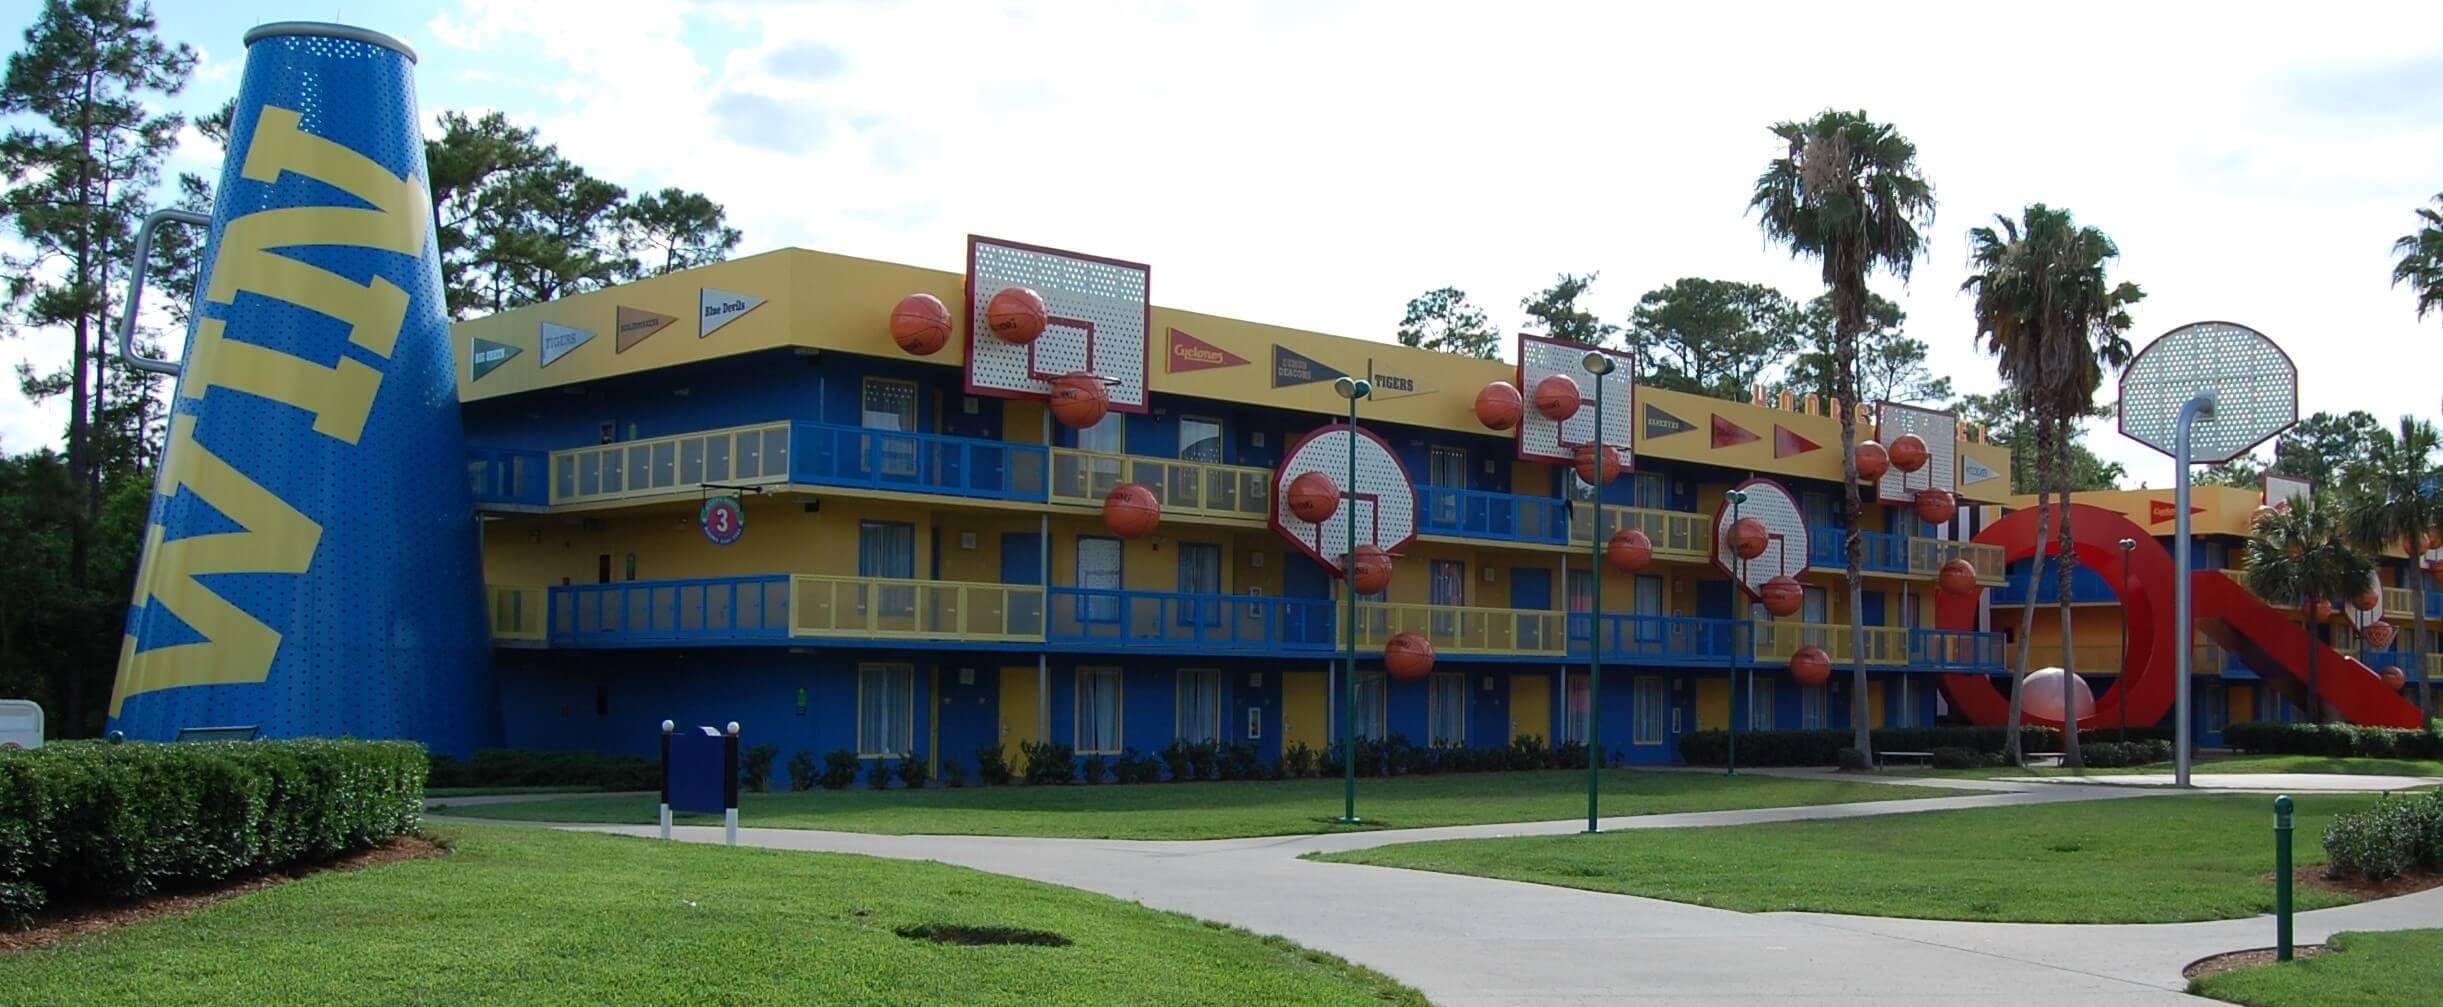 352-All-Star-Sports-Hoops-Buildings.JPG